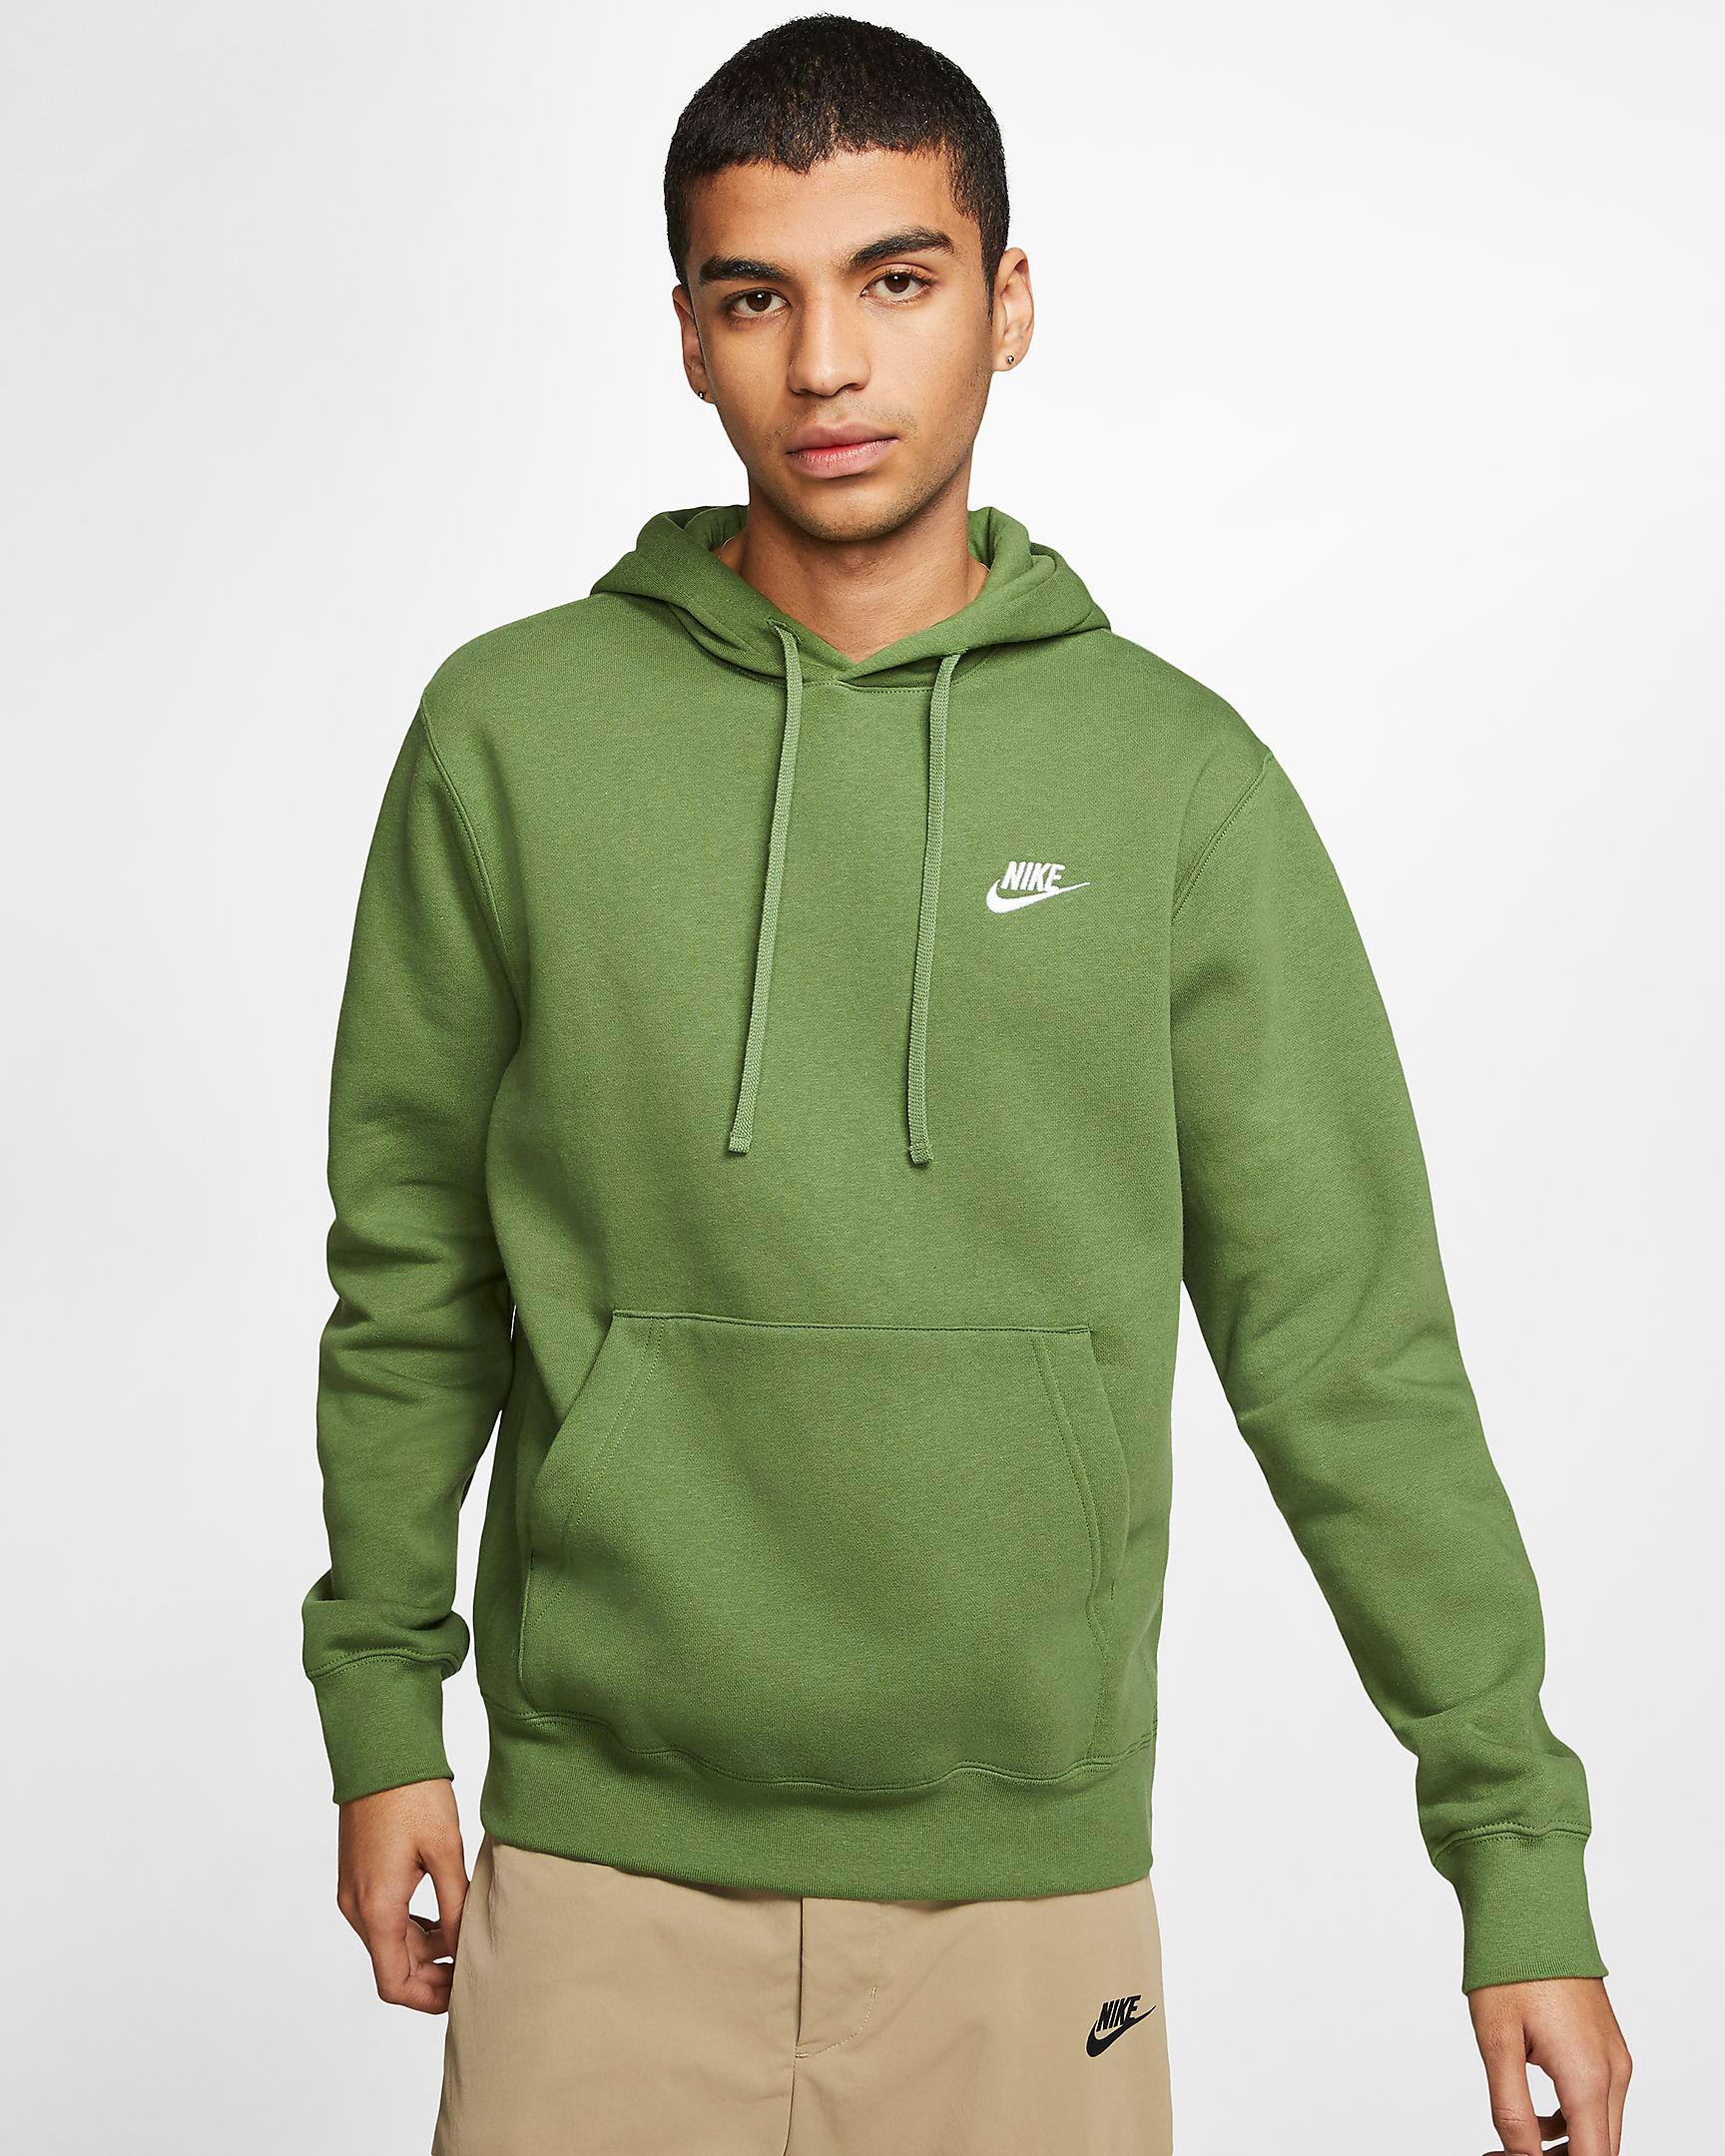 nike-dunk-low-veneer-green-hoodie